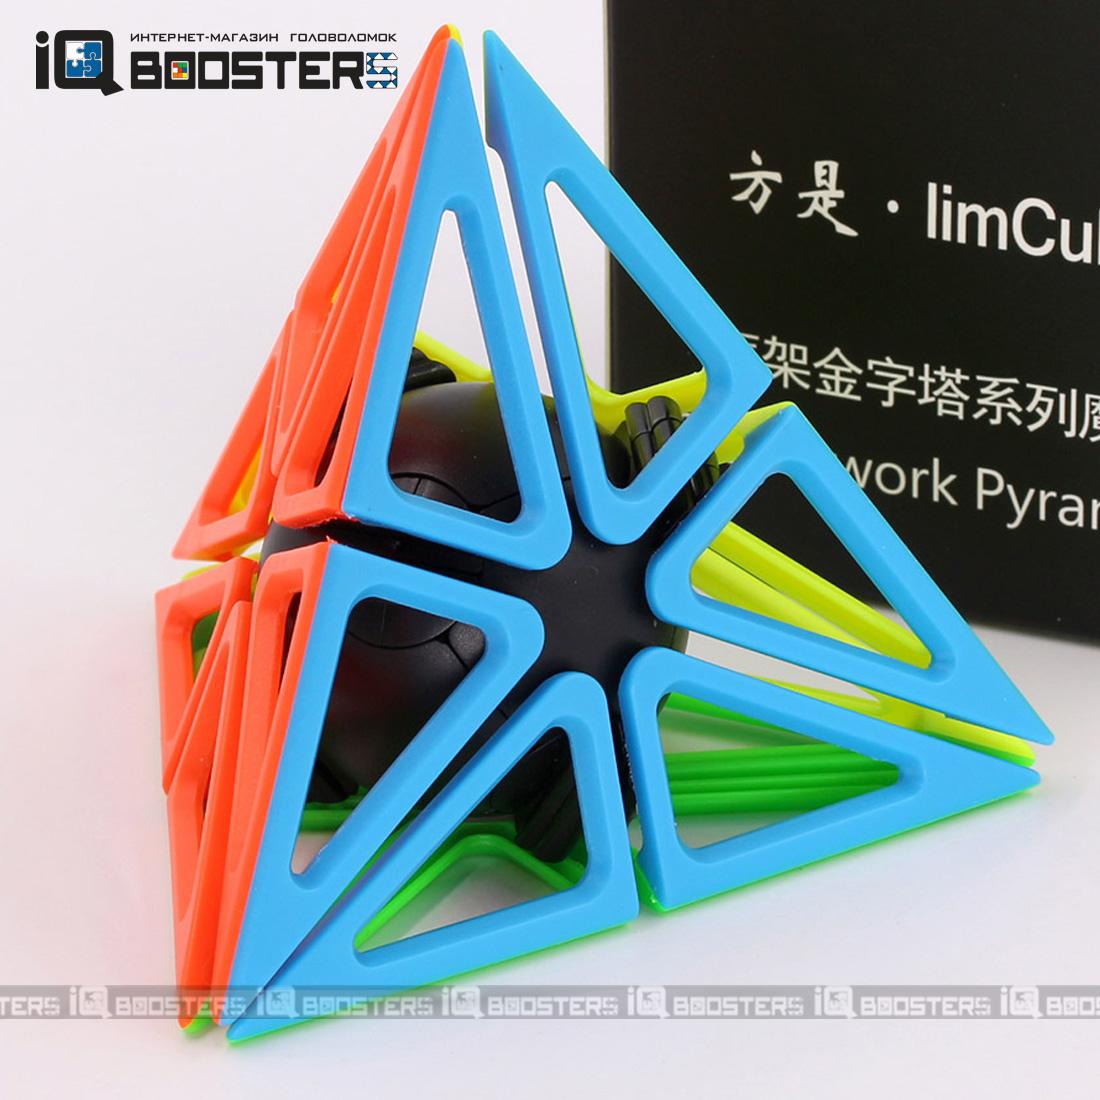 fs_frame_pyra_1